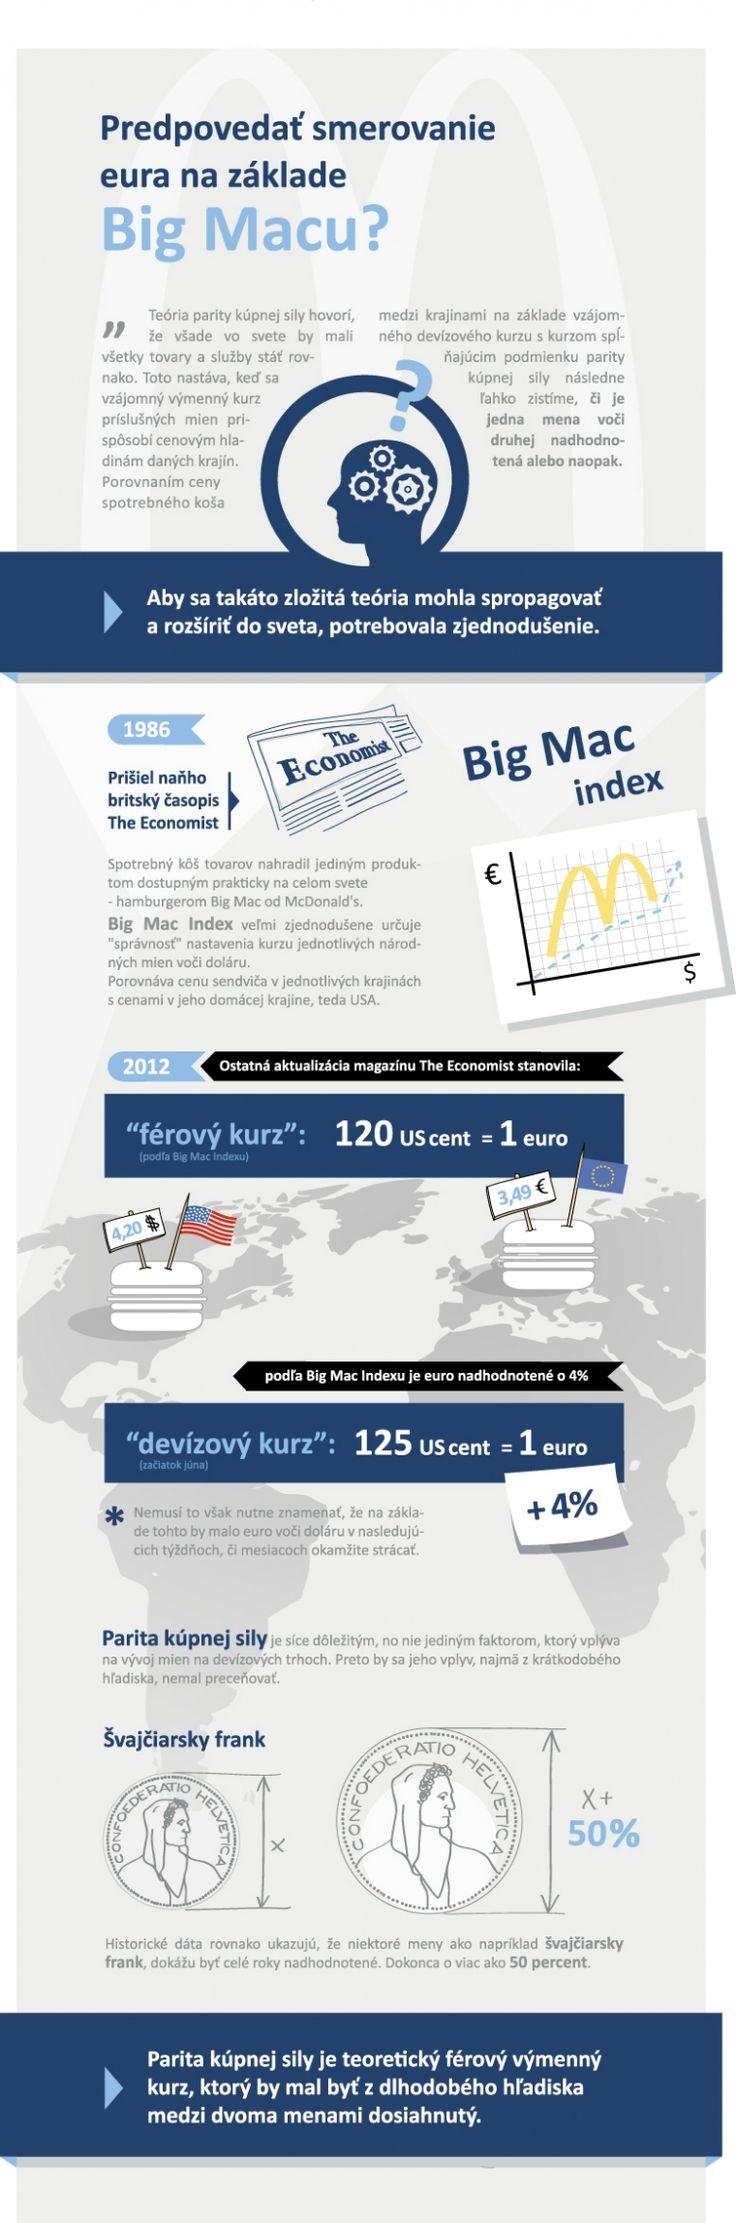 INFOGRAFIKA: Predpovedať smerovanie eura na základe Big Macu?